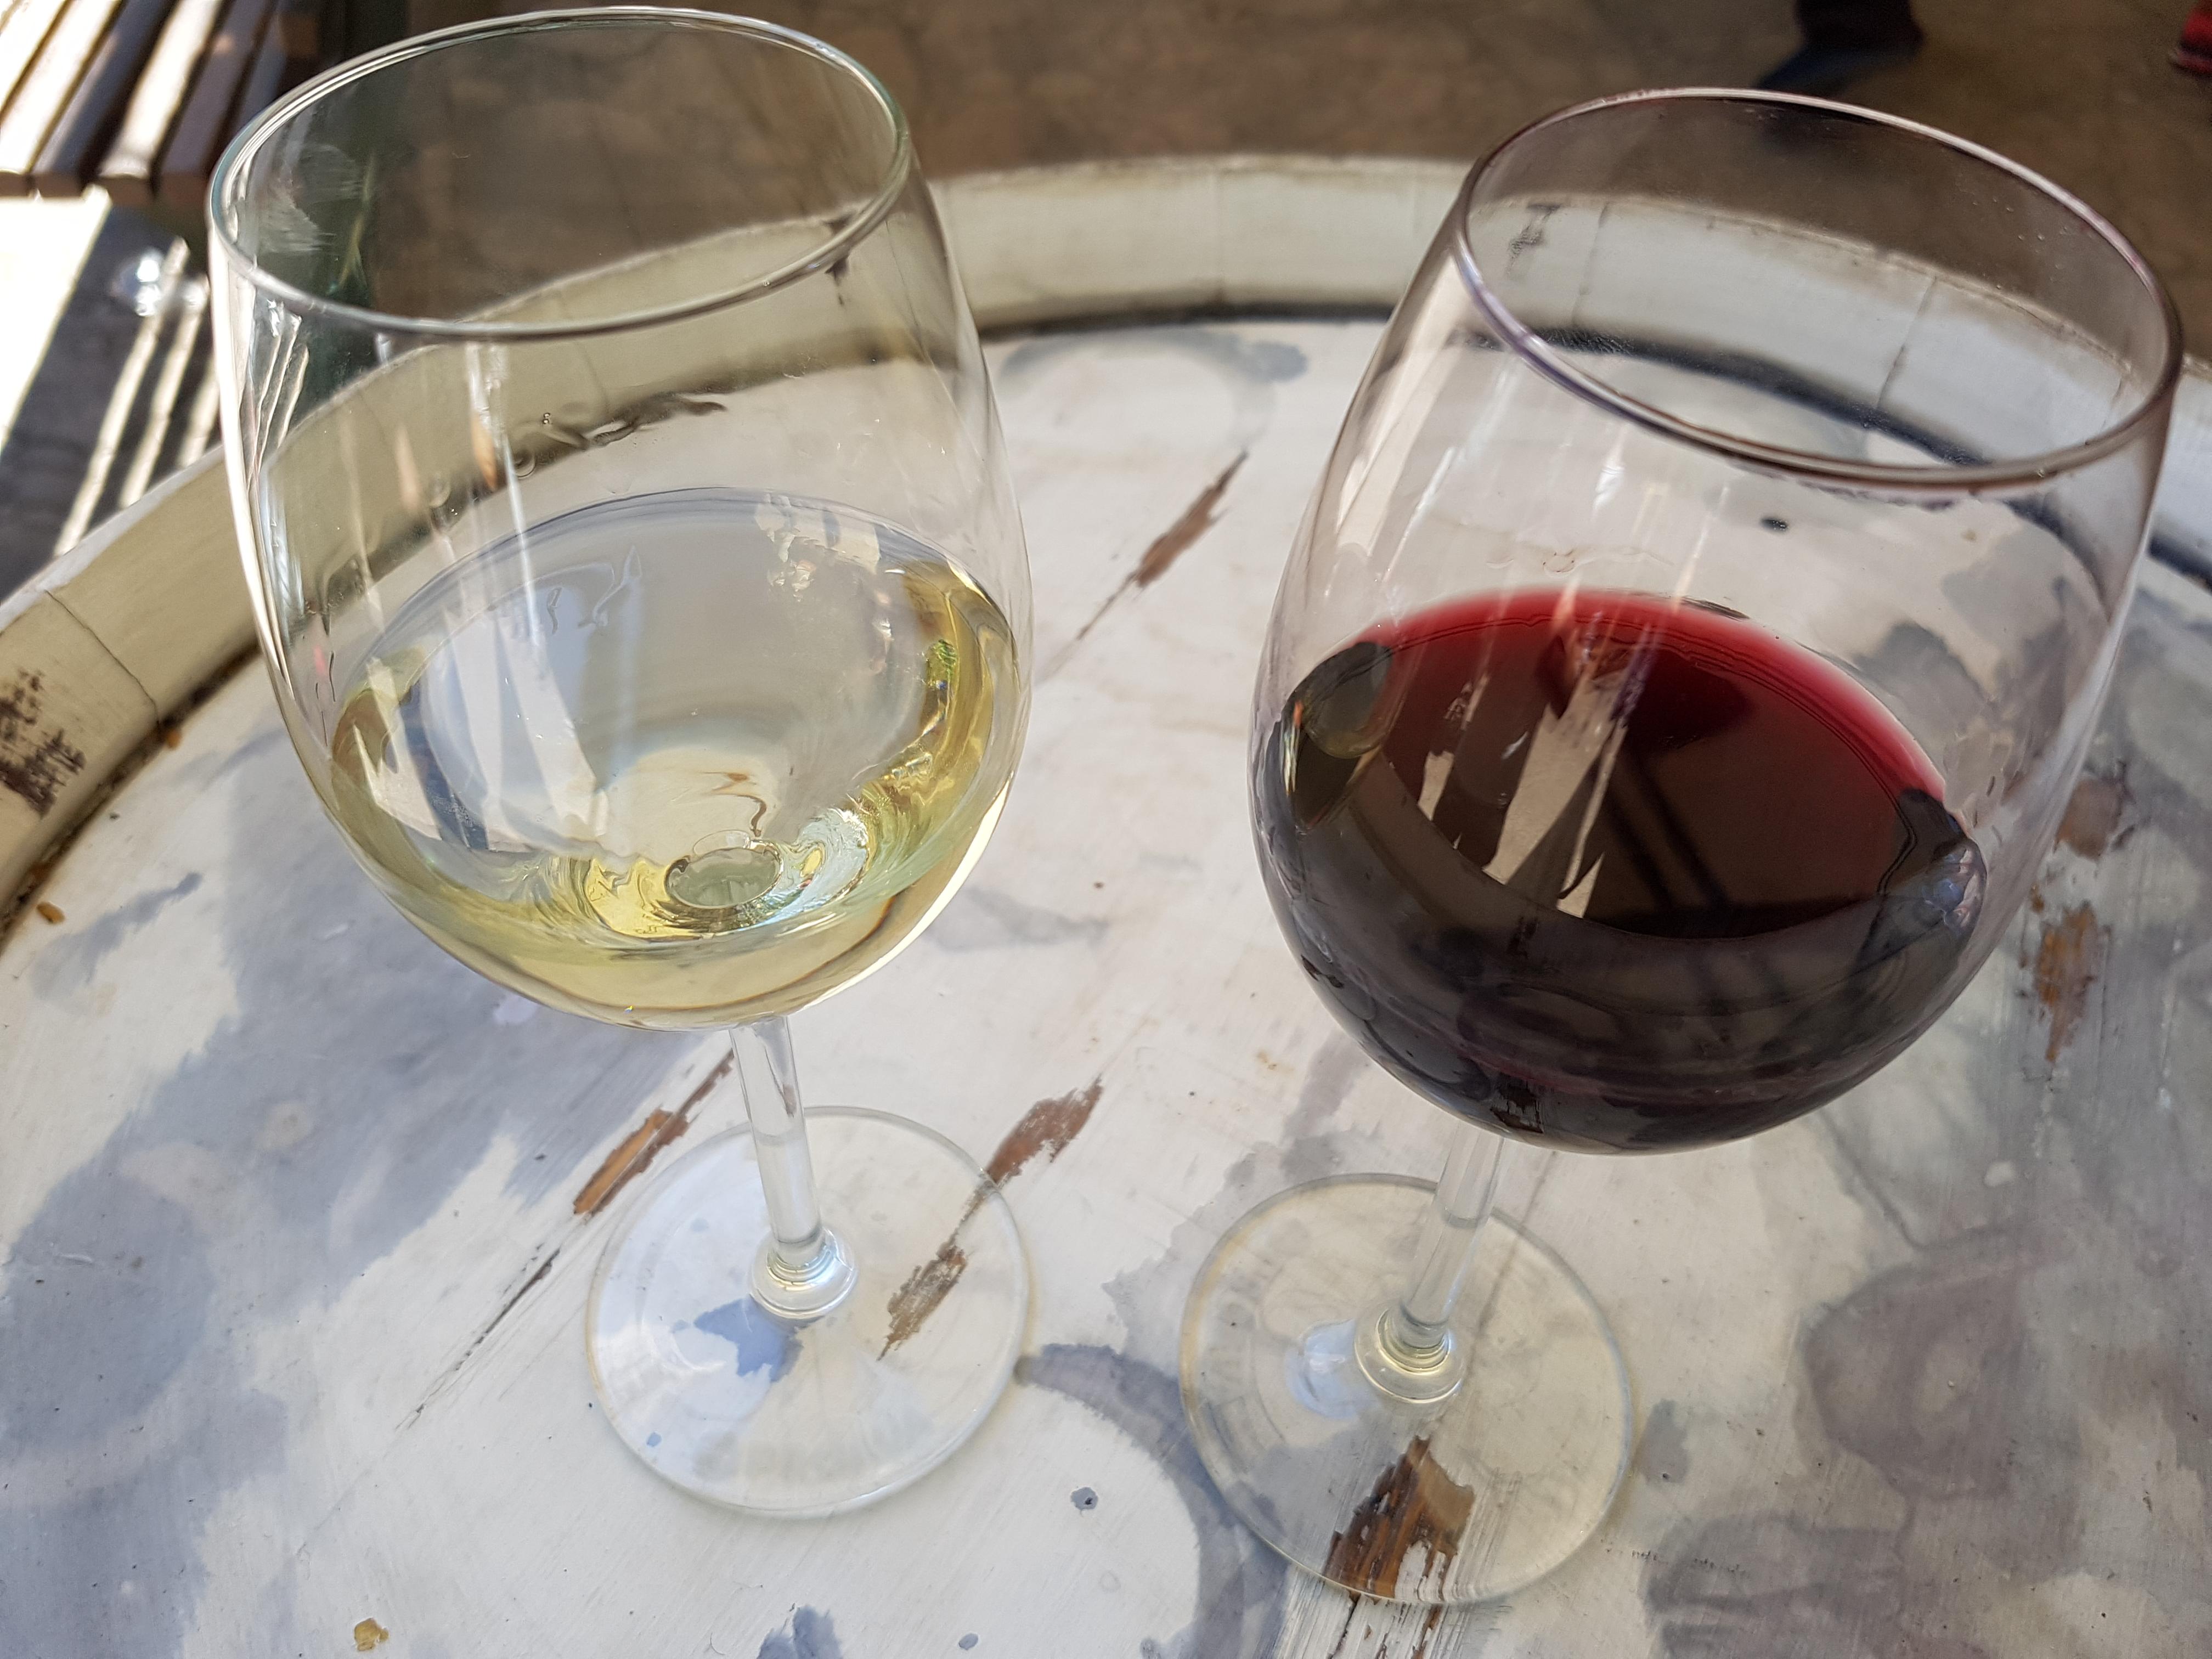 Agricultura continúa buscando el consenso en el sector del vino tras el acuerdo unánime de Les Corts